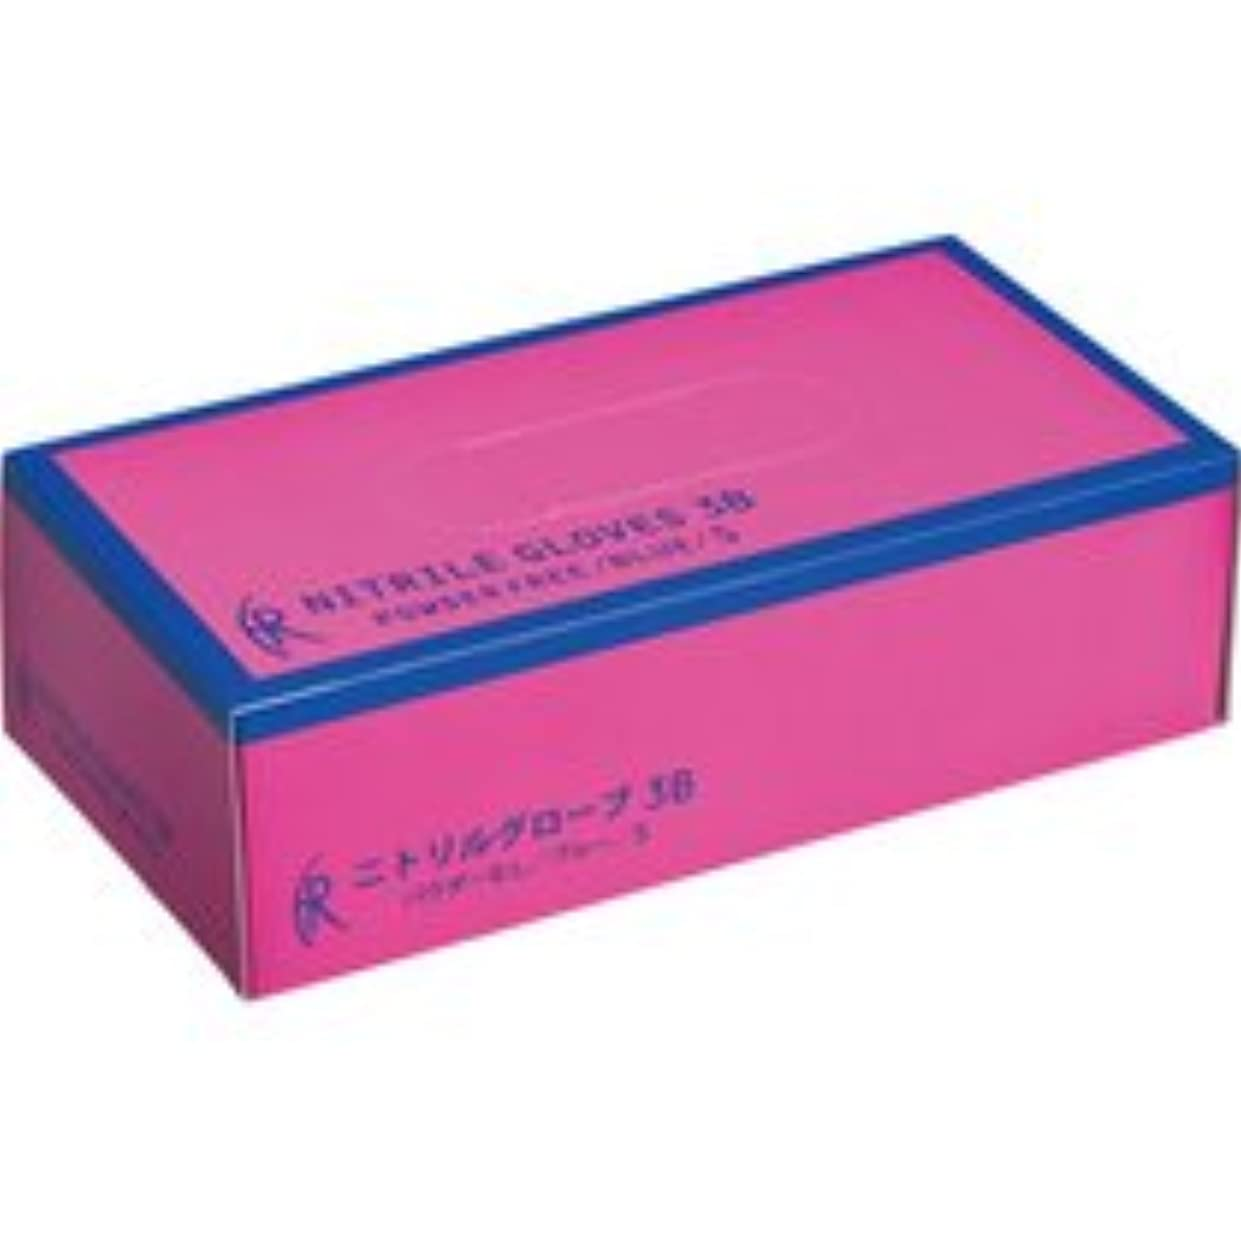 ファーストレイト ニトリルグローブ3B パウダーフリー S FR-5661 1箱(200枚)